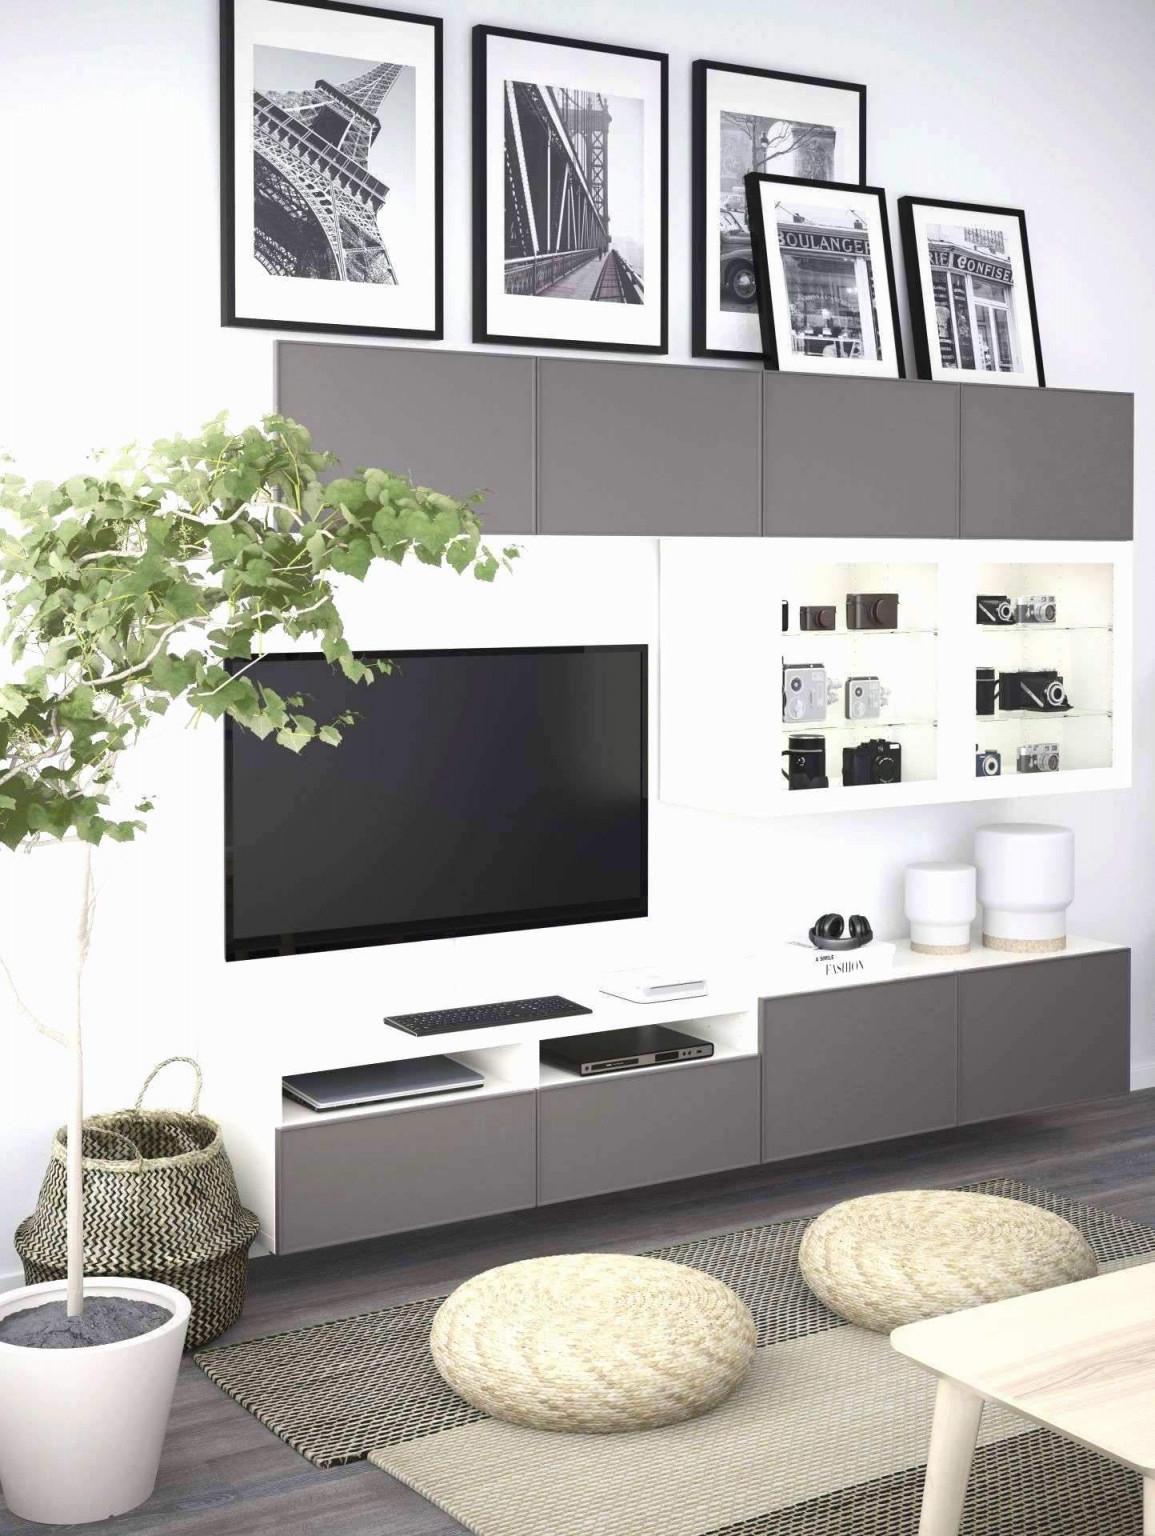 Teppich Im Wohnzimmer Luxus Rund Teppiche Meinung Von von Teppich Rund Wohnzimmer Photo